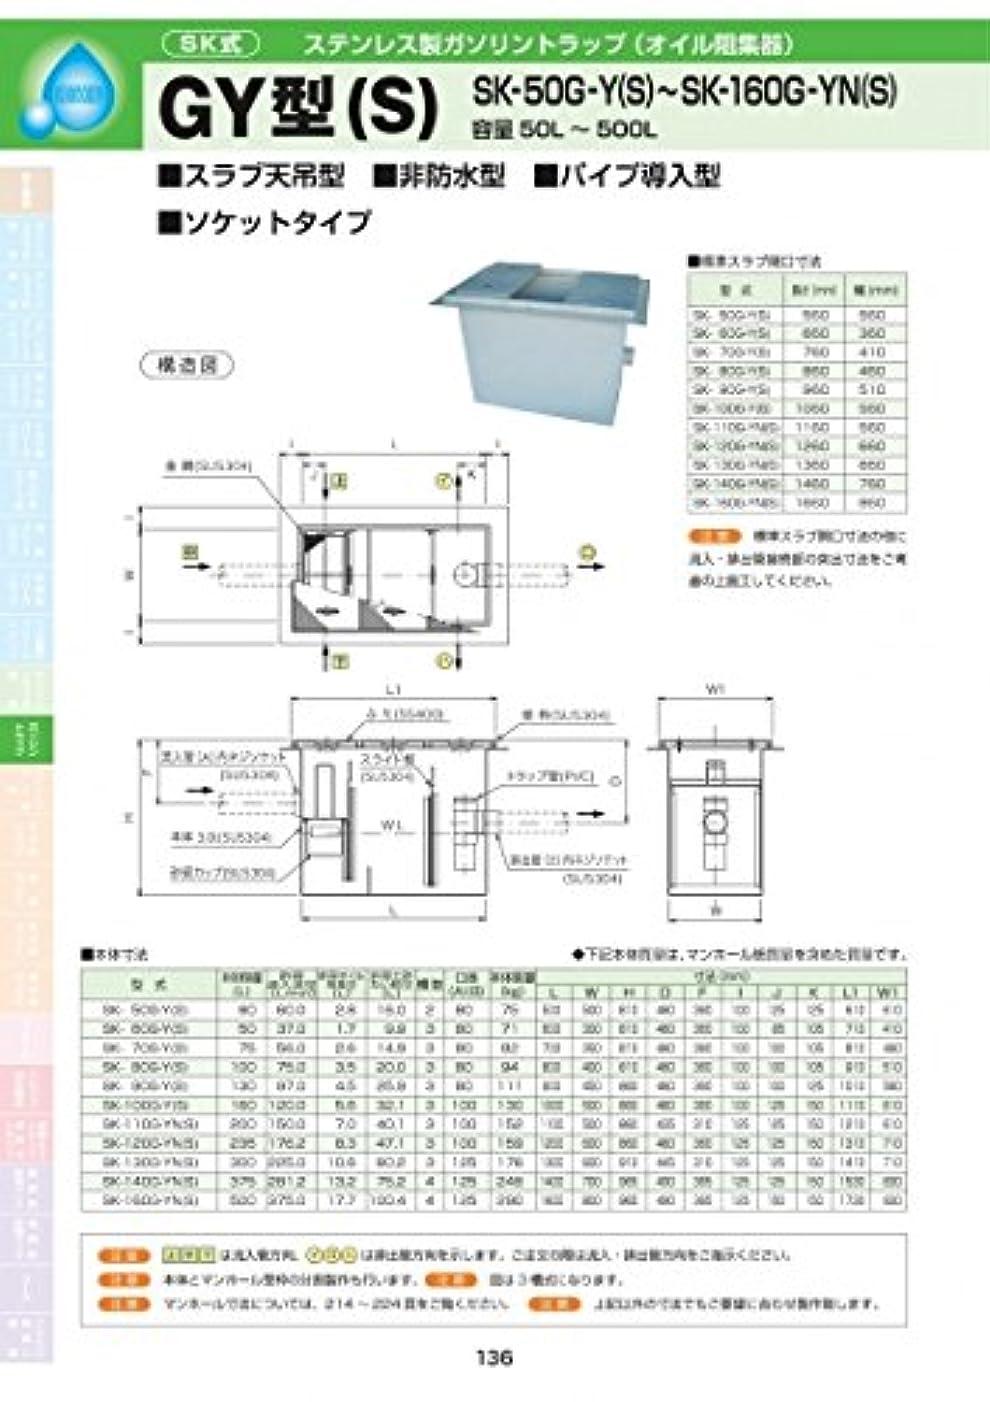 荒廃する折り目エンドテーブルGY型(S) SK-100G-Y(S) 耐荷重蓋仕様セット(マンホール枠:ステンレス / 蓋:溶融亜鉛メッキ) T-14